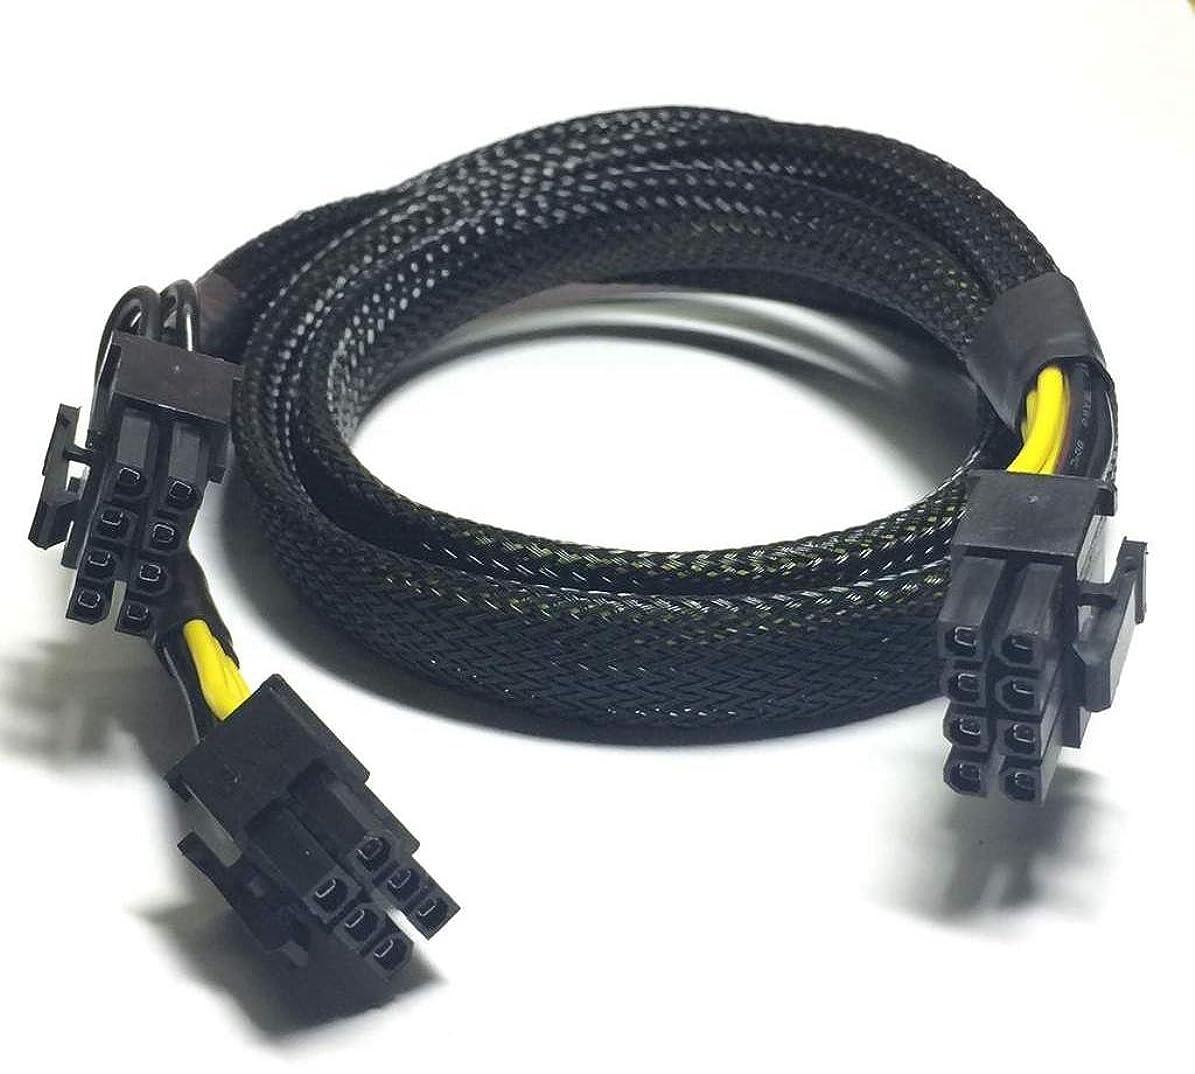 交渉するクマノミループLODFIBER 8ピン - 8+6ピン 電源ケーブル DELL T5610 NVIDIA GRID K2 GPU 35cm用